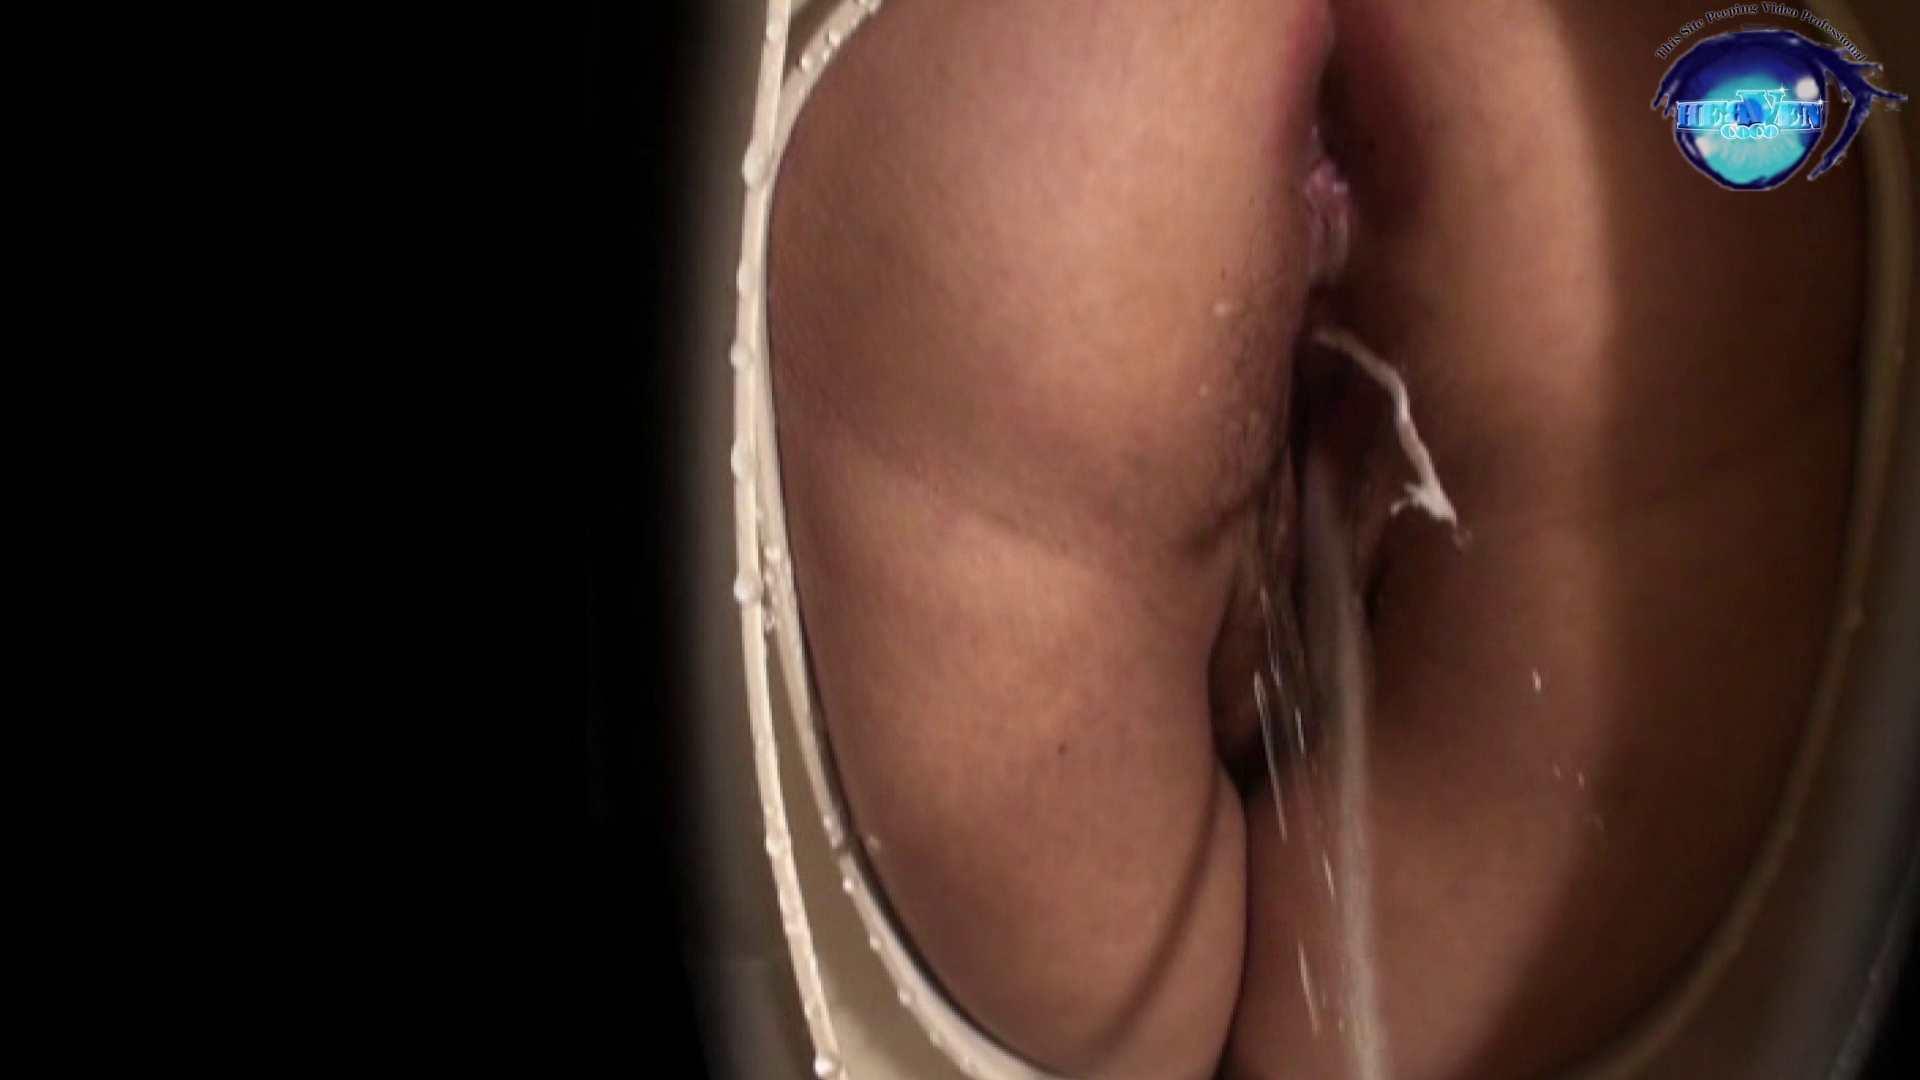 飛び出す黄金水!!!アトレ潜入 かわや盗撮 vol.08 厠隠し撮り SEX無修正画像 77pic 53